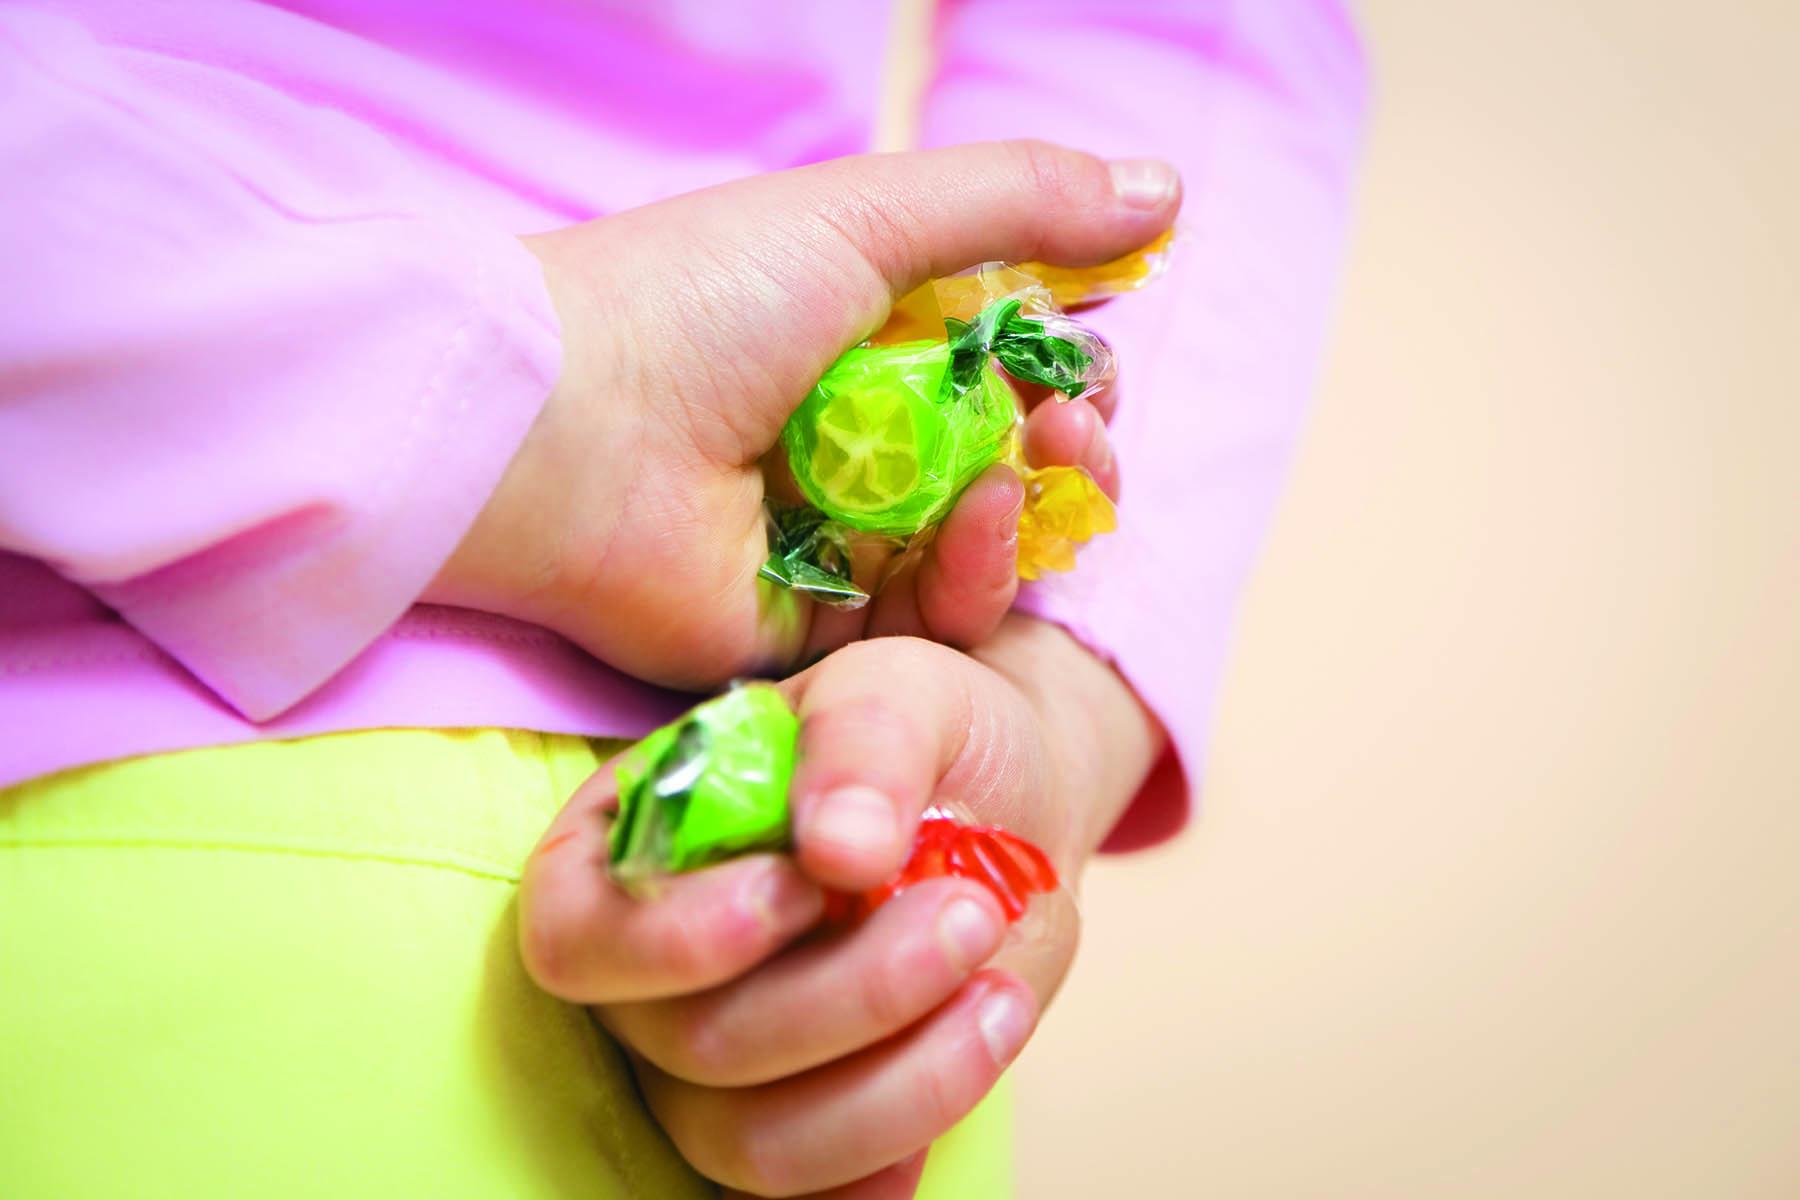 Ett barn döljer godis bakom ryggen